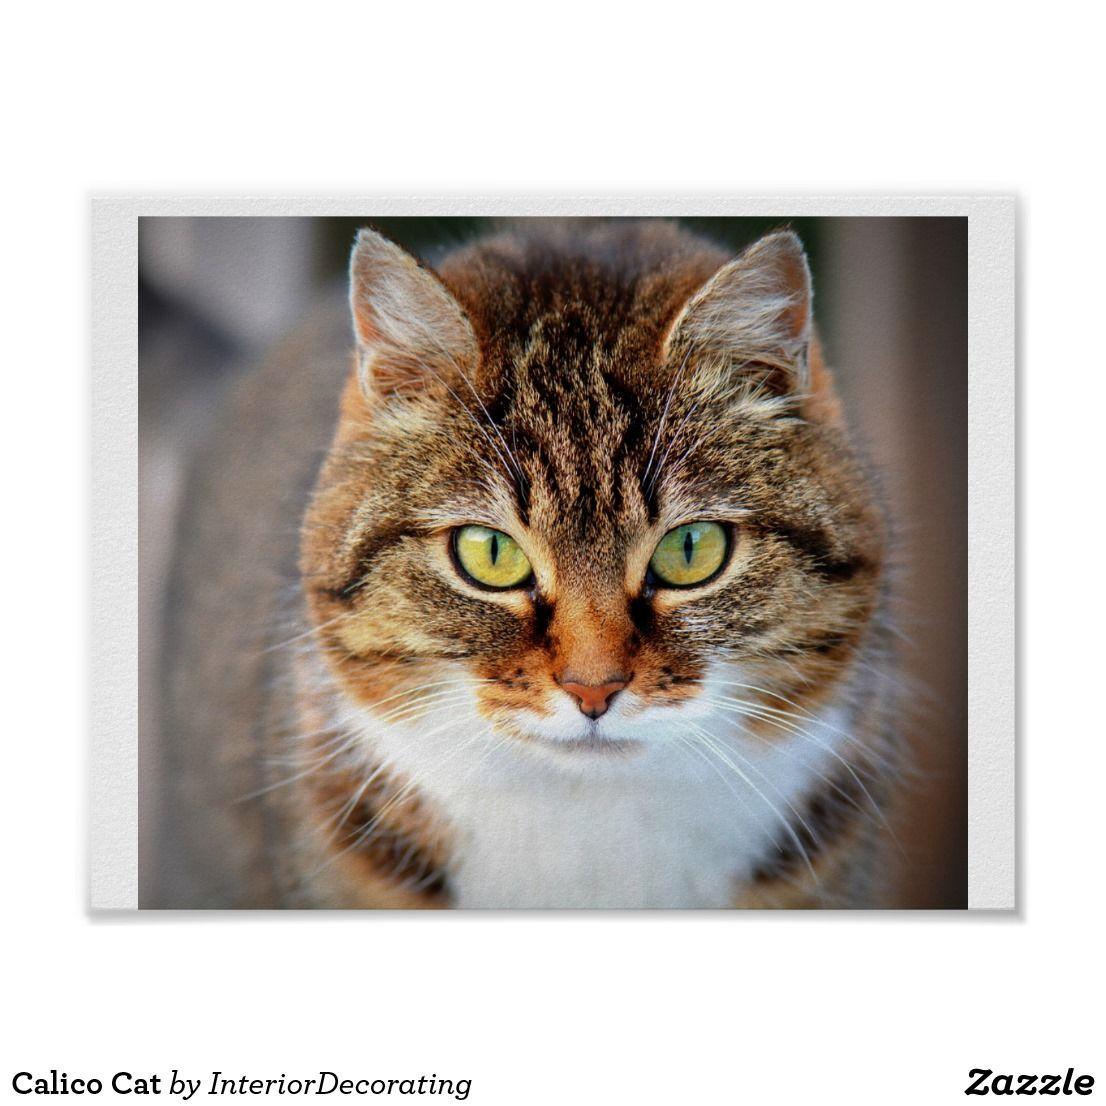 Calico Cat Poster Zazzle Com Animals Cats Pets Cats